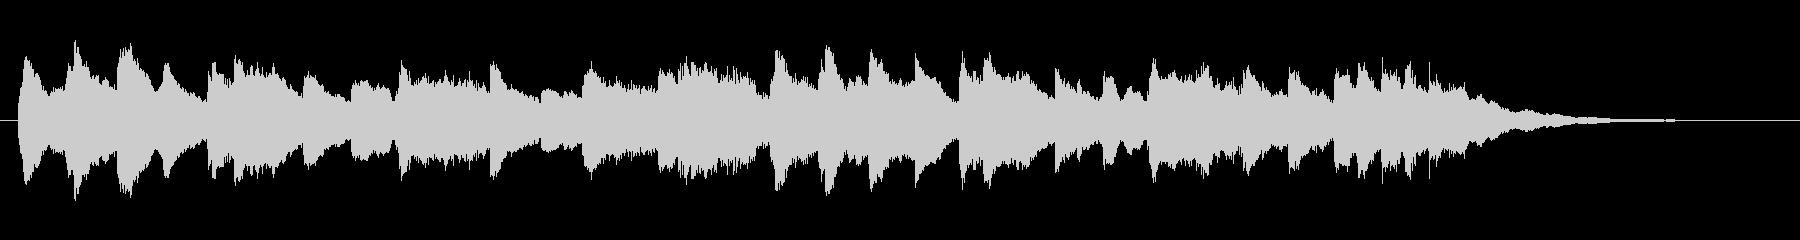 不気味なオルゴール調のジングルの未再生の波形